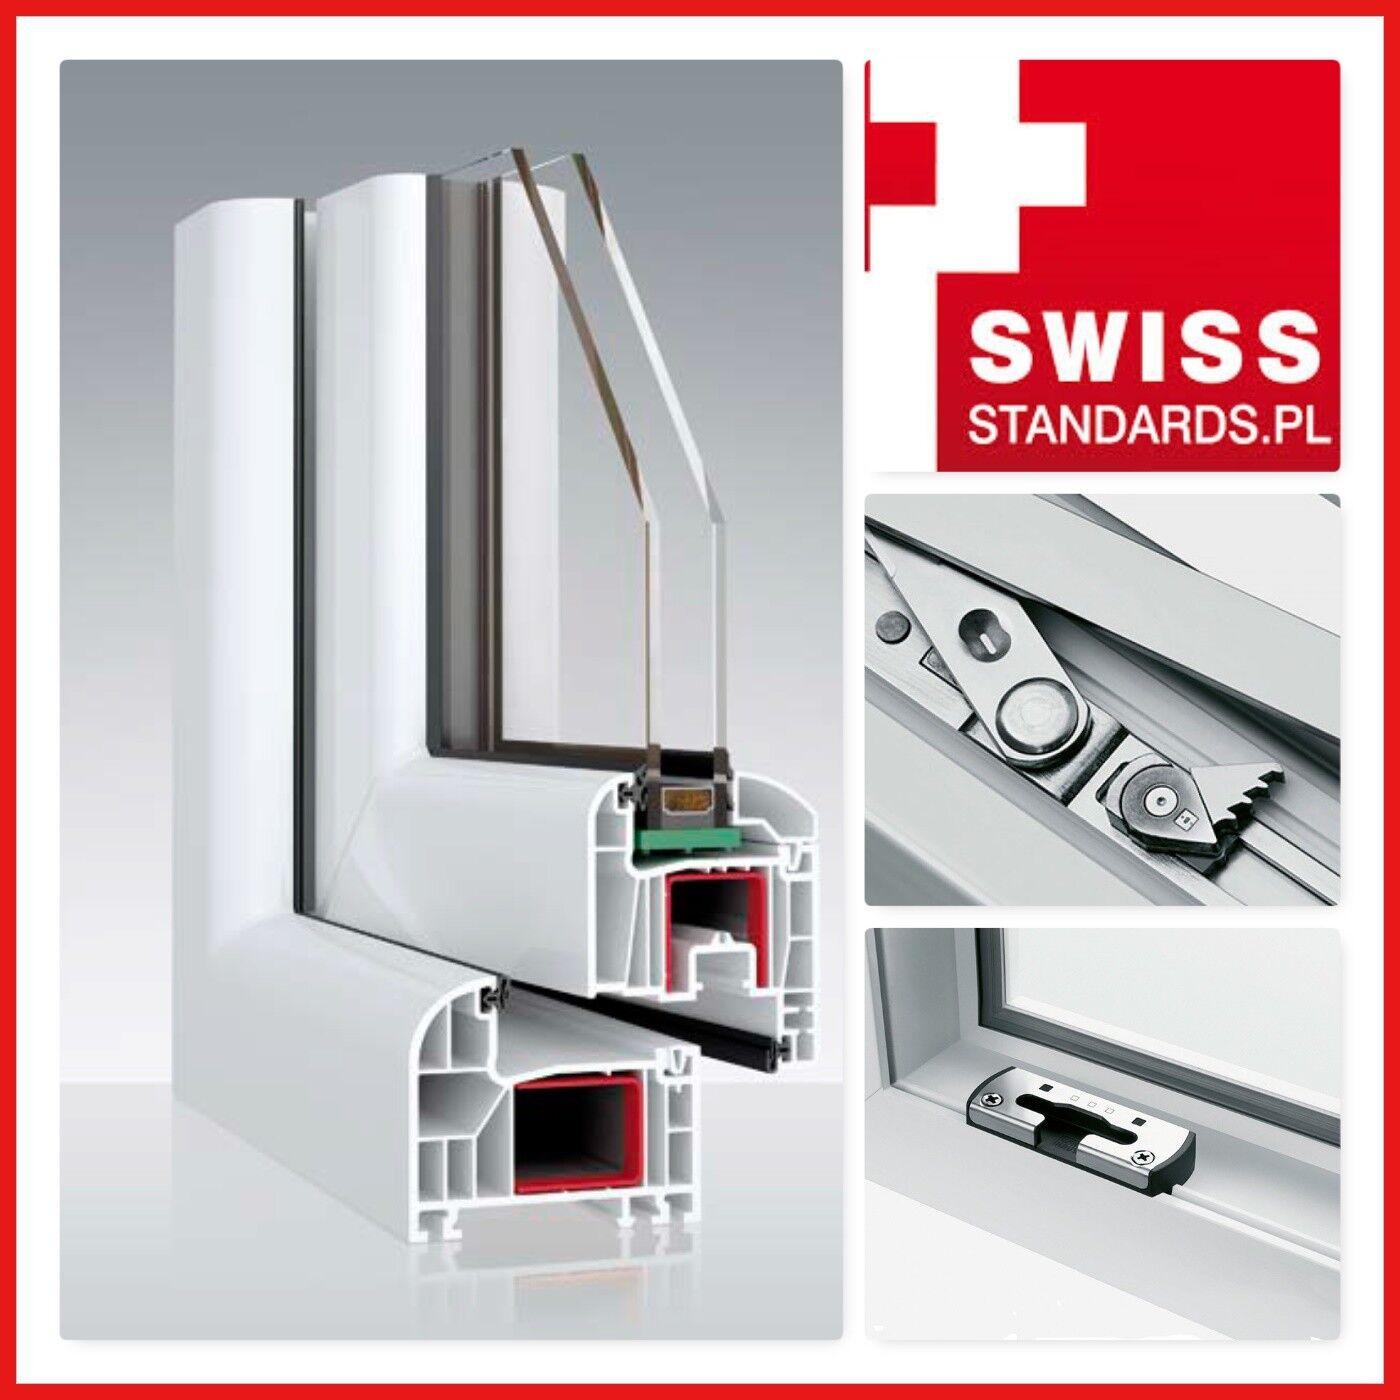 2 Flügel Fenster Dreh   Dreh Kipp 2   3 Fach Verglast  Ovlo Classic 6- Kammer